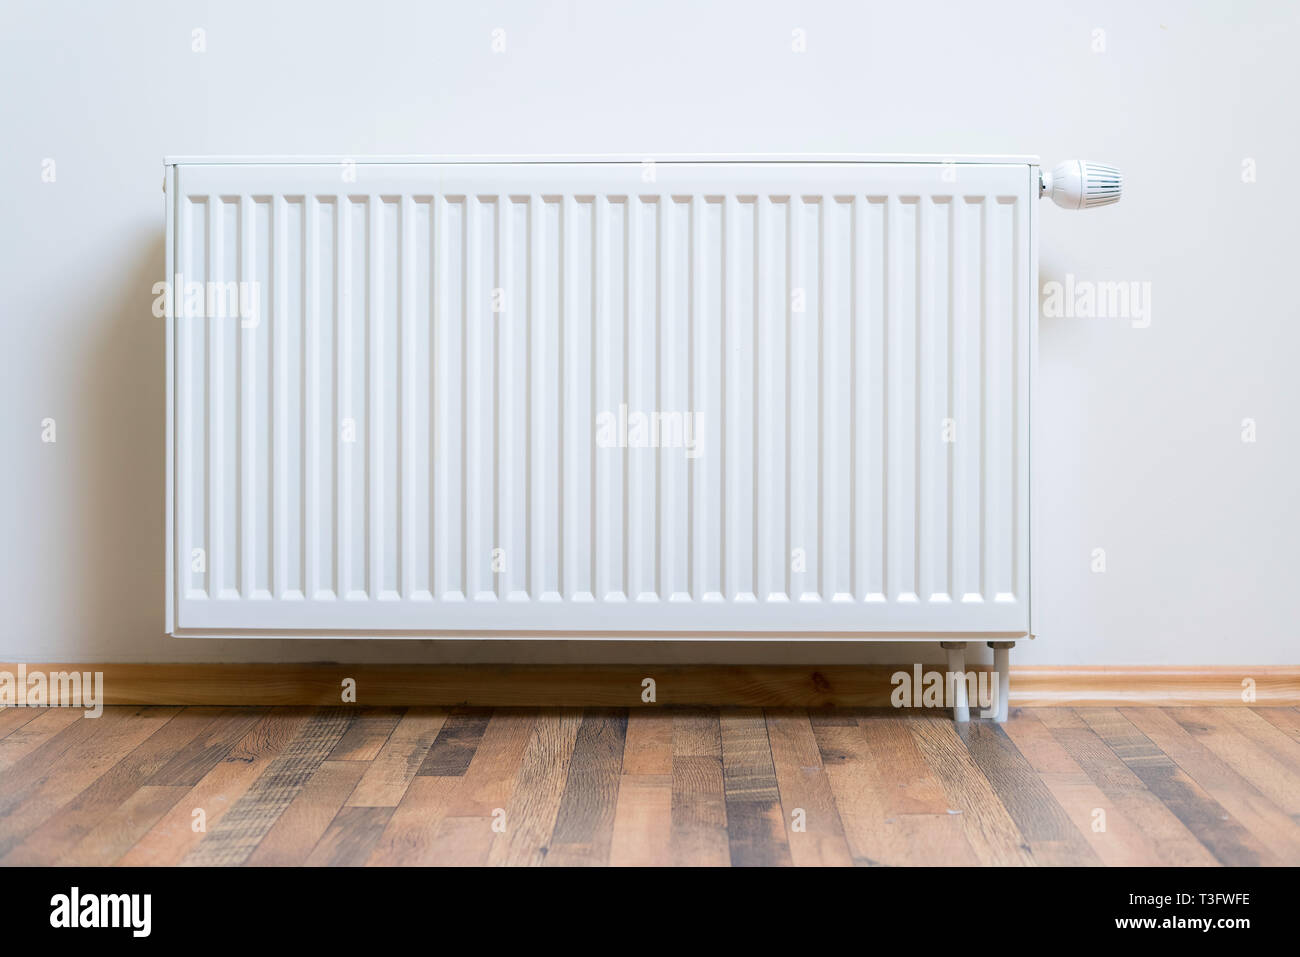 Accueil chauffage radiateur sur le mur blanc en bois sur plancher de bois. Réchauffement réglable de l'équipement pour appartement et maison Photo Stock